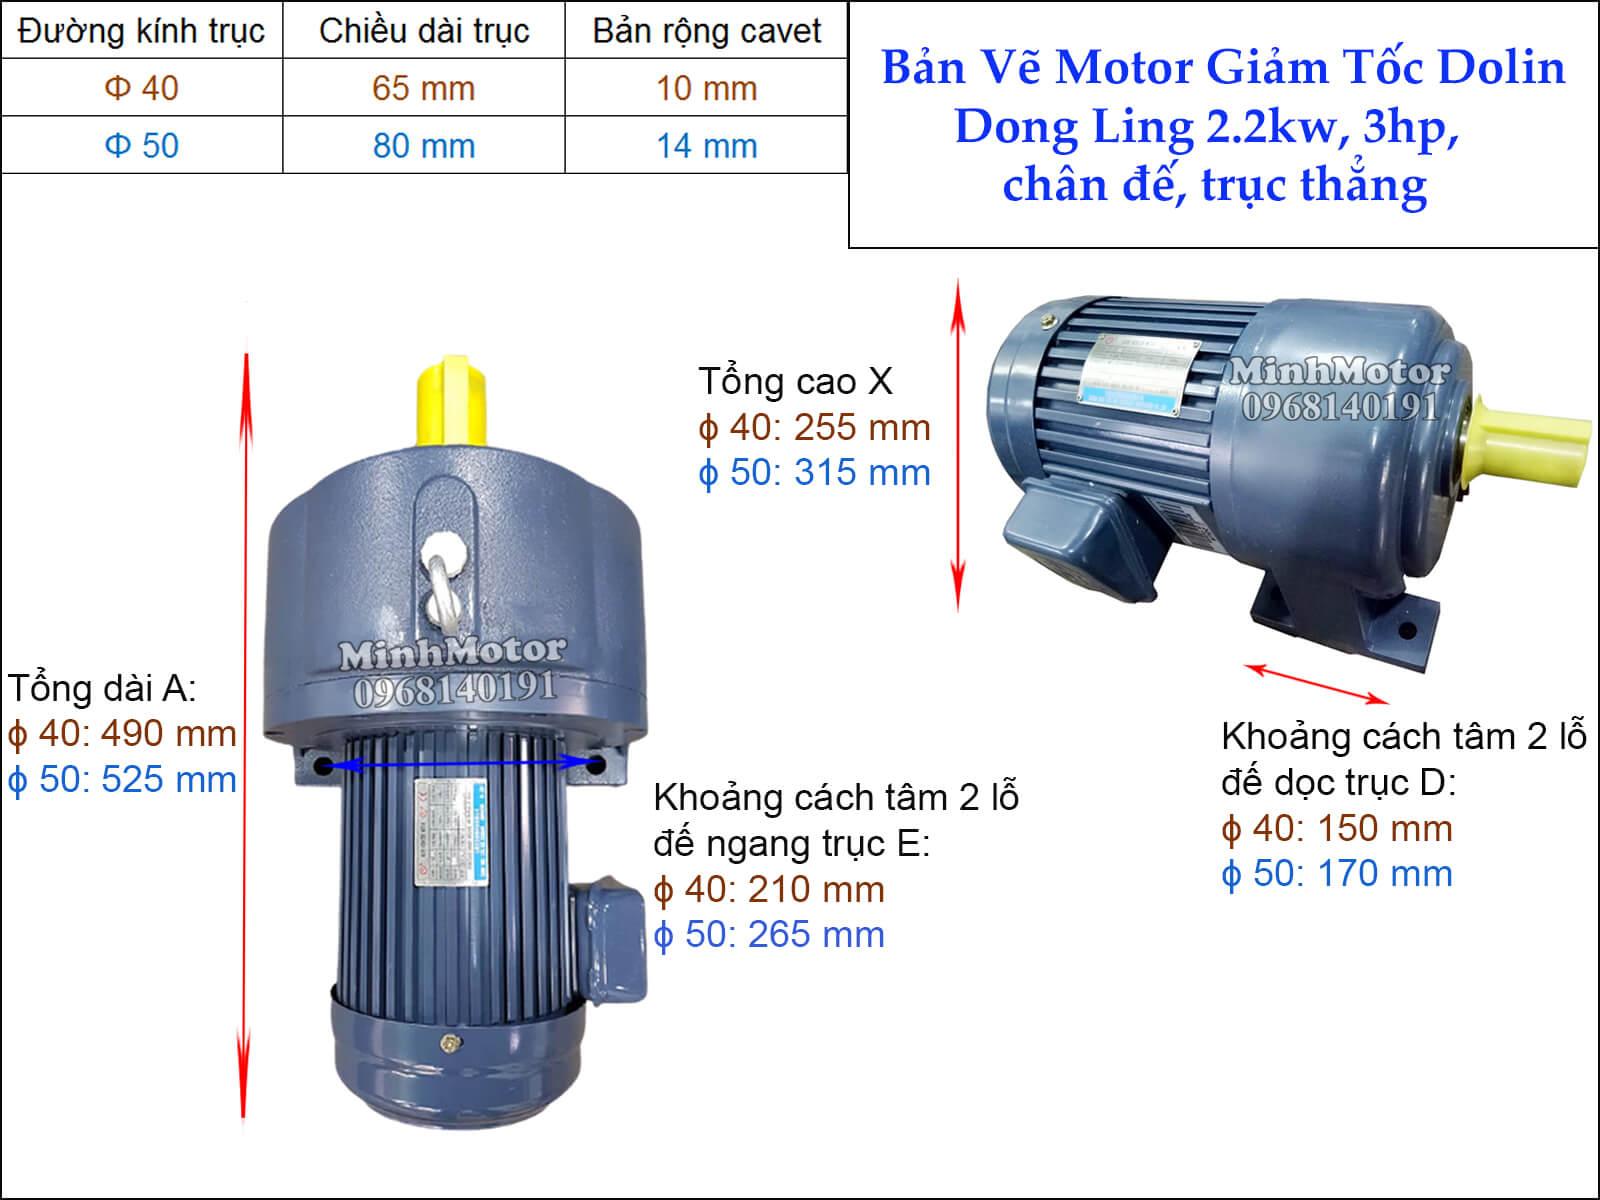 Motor giảm tốc Dolin 2.2kw 3hp DLSH chân đế trục thẳng